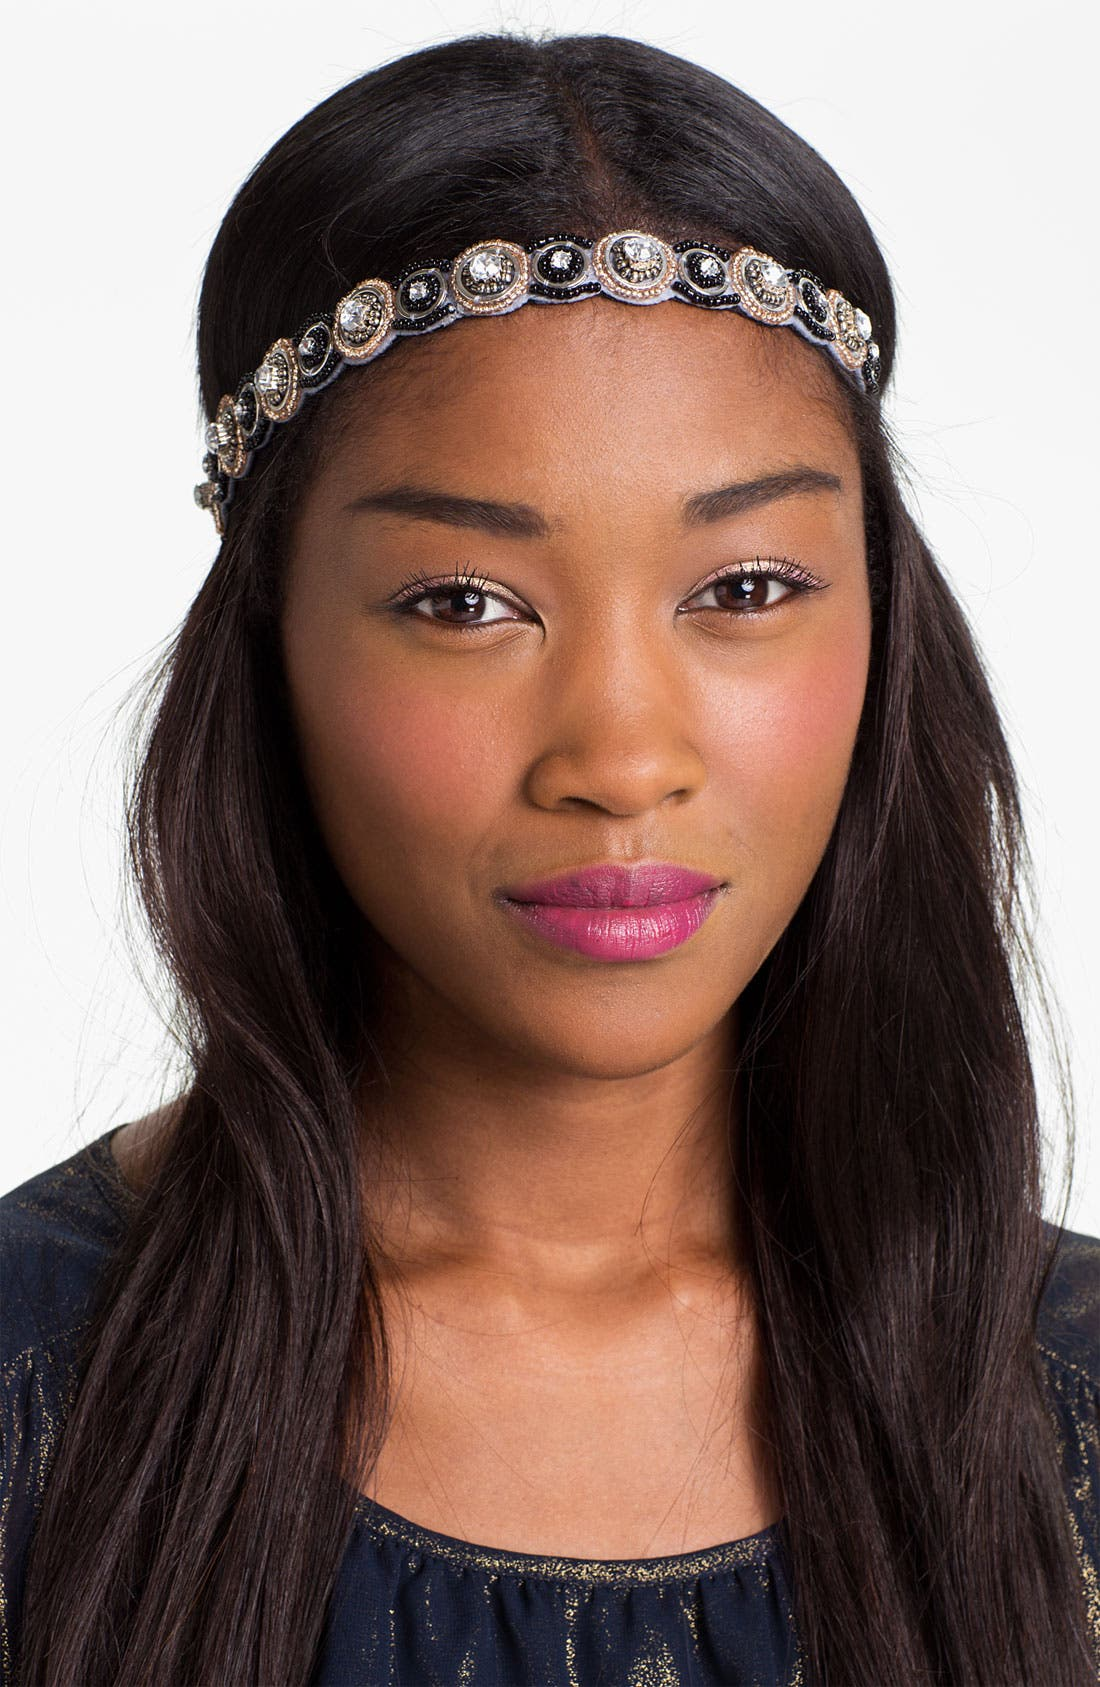 Alternate Image 1 Selected - Carole Embellished Headband